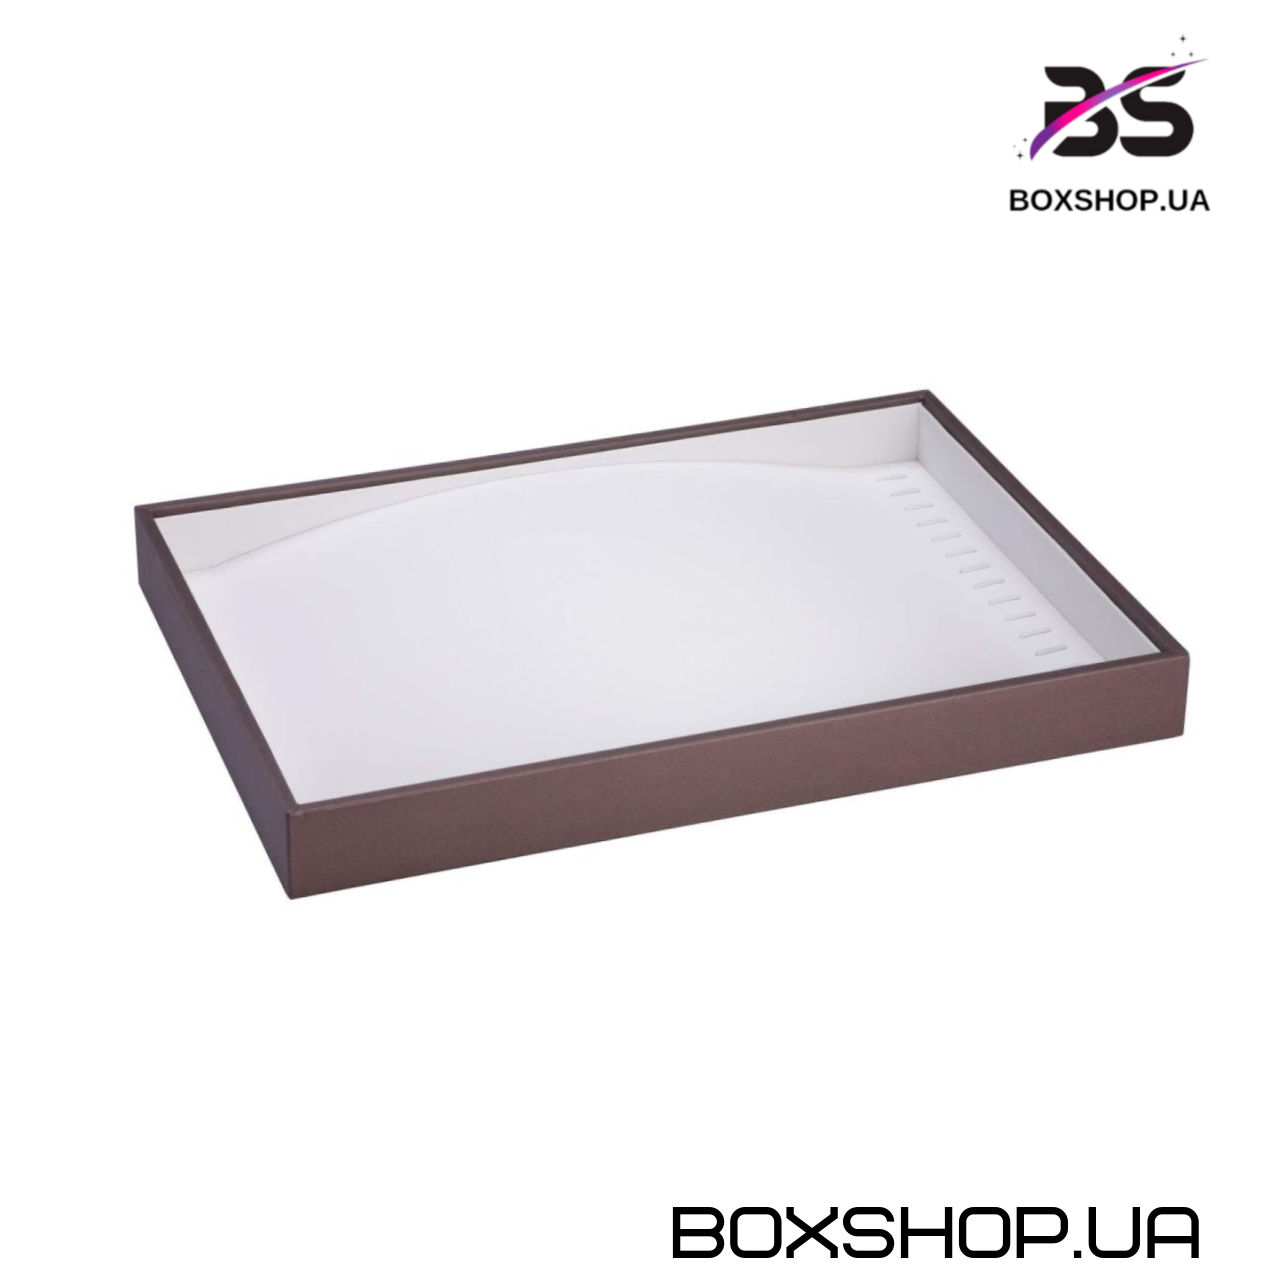 Ювелирный планшет BOXSHOP - 1022310175